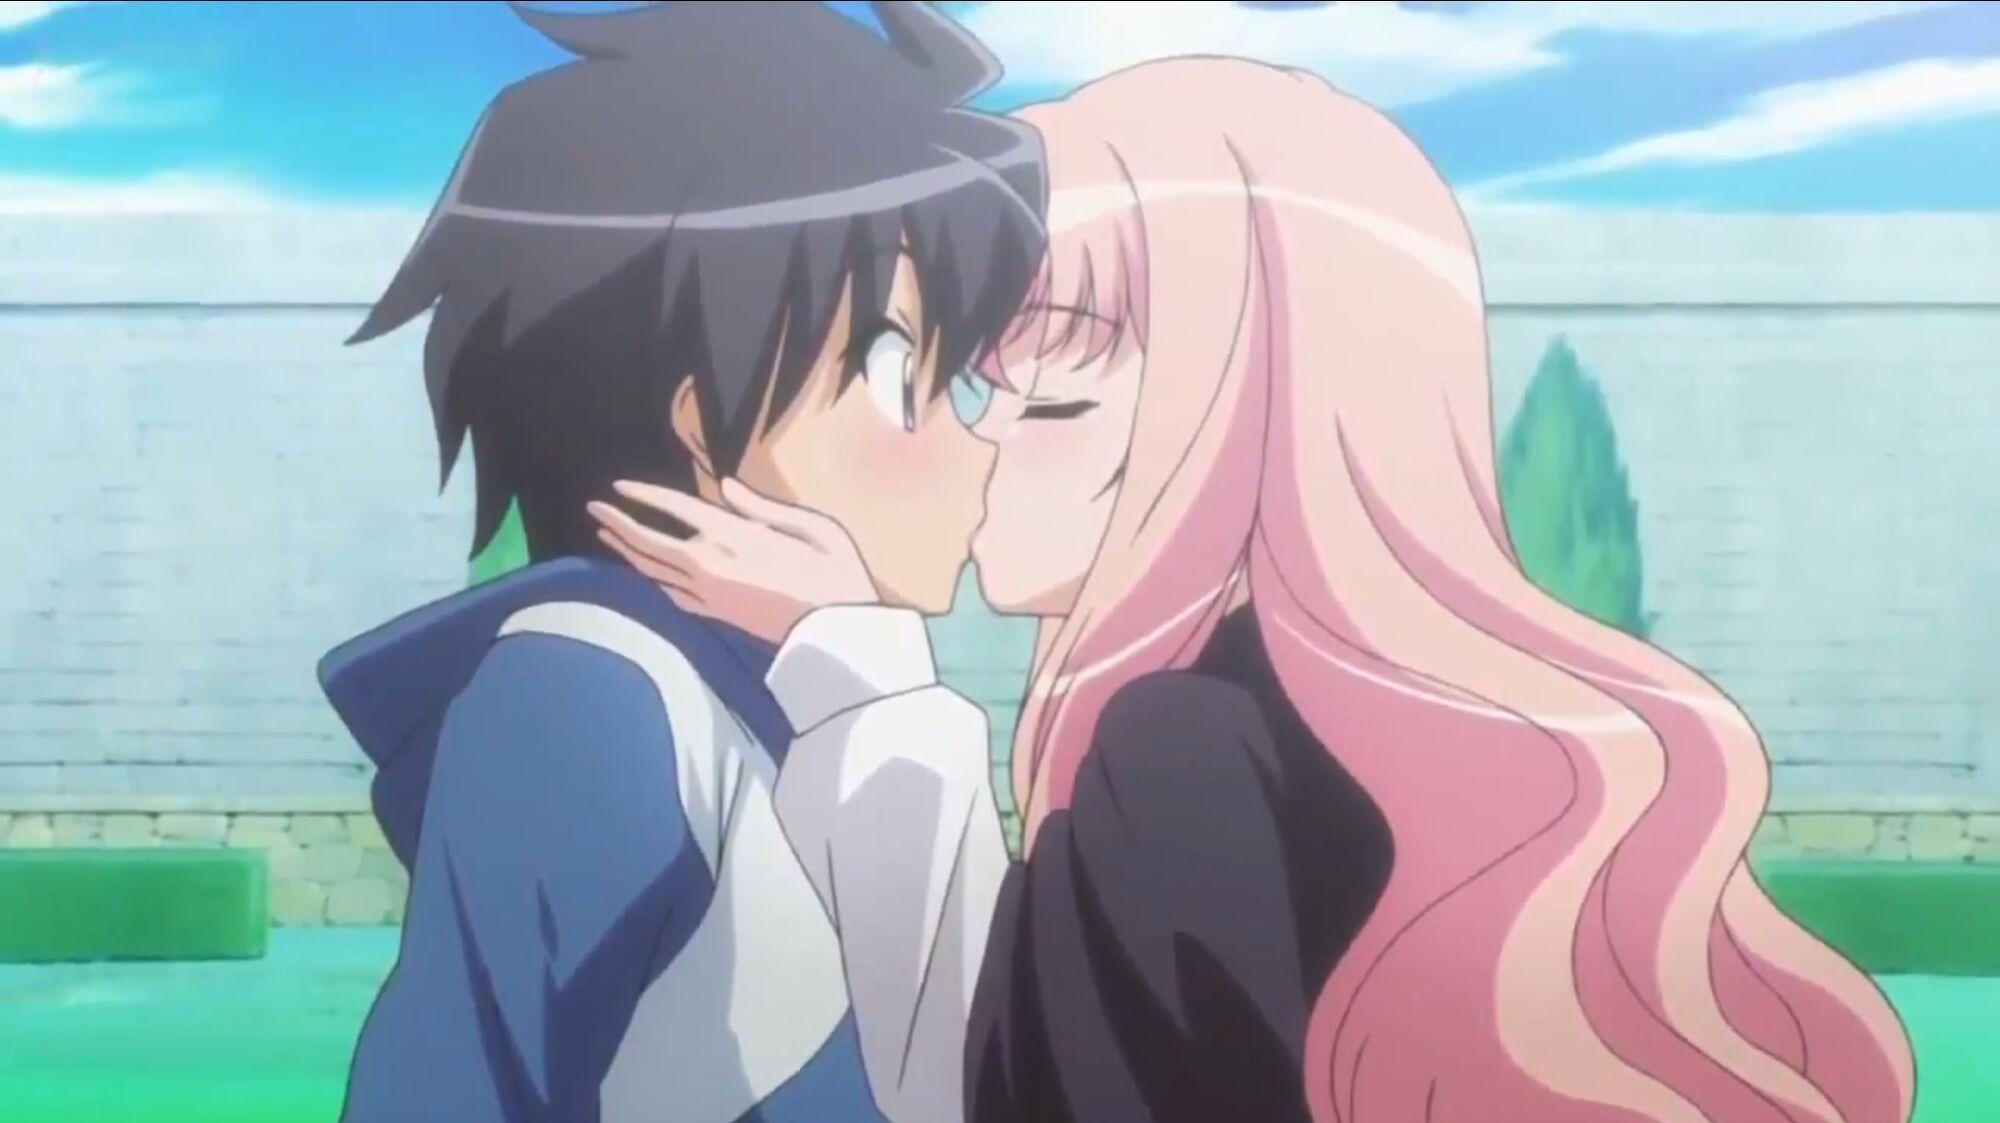 Anime Couple Kissing Base